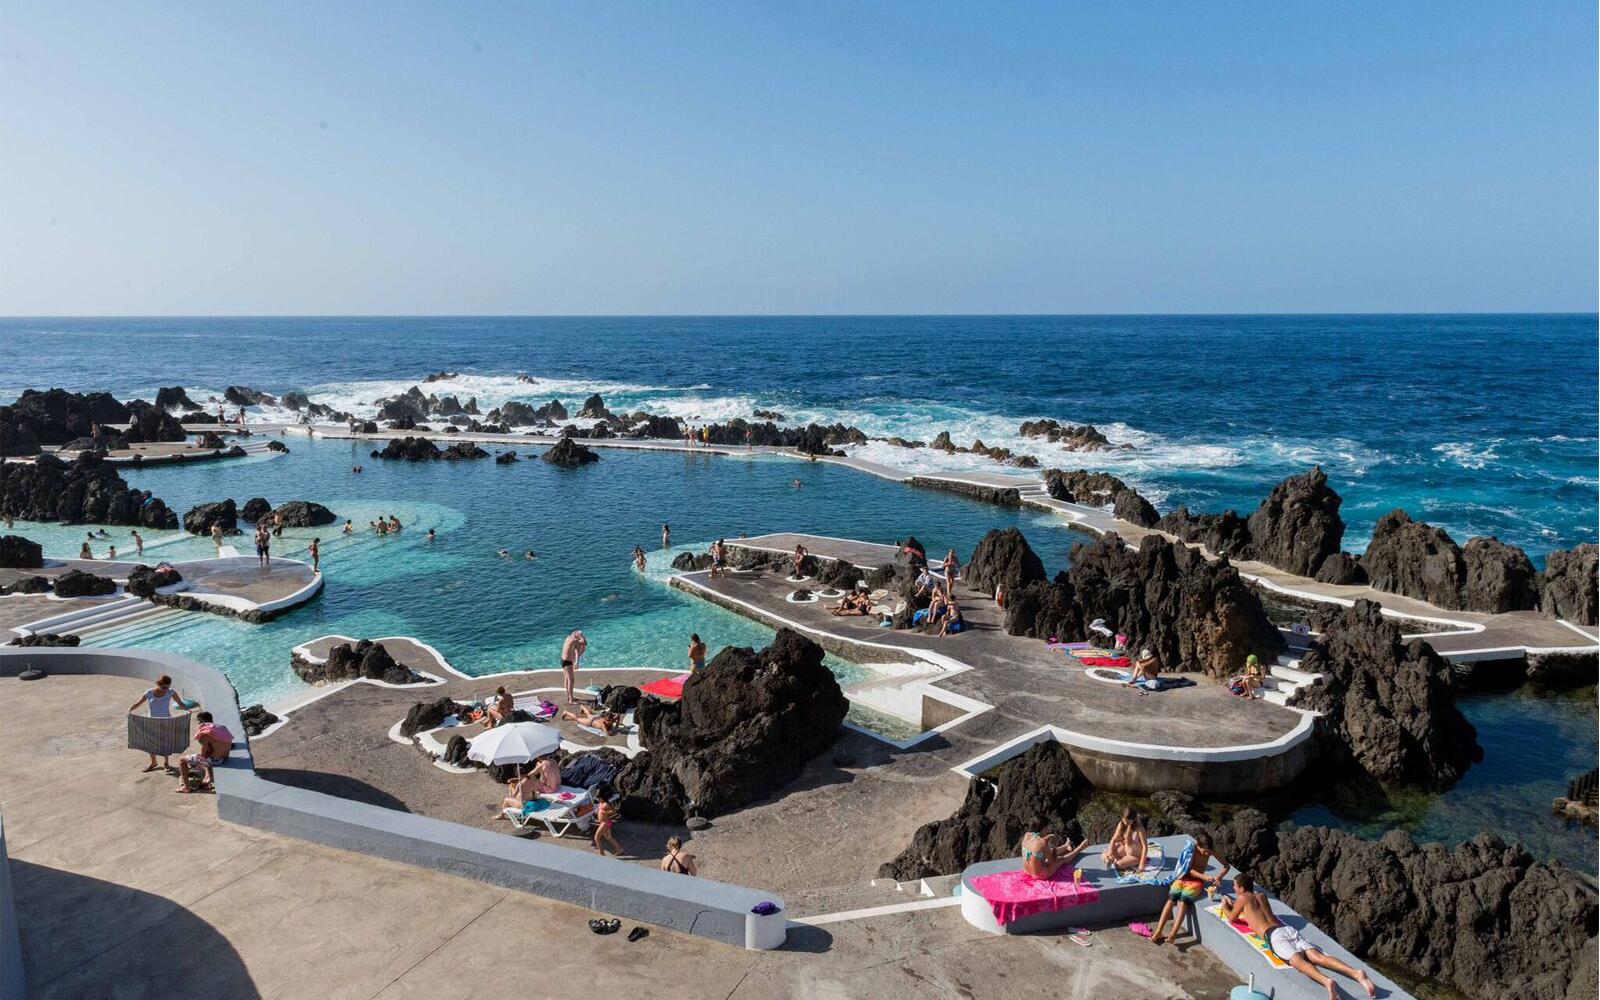 Ilha da Madeira 1 - Boat Shopping